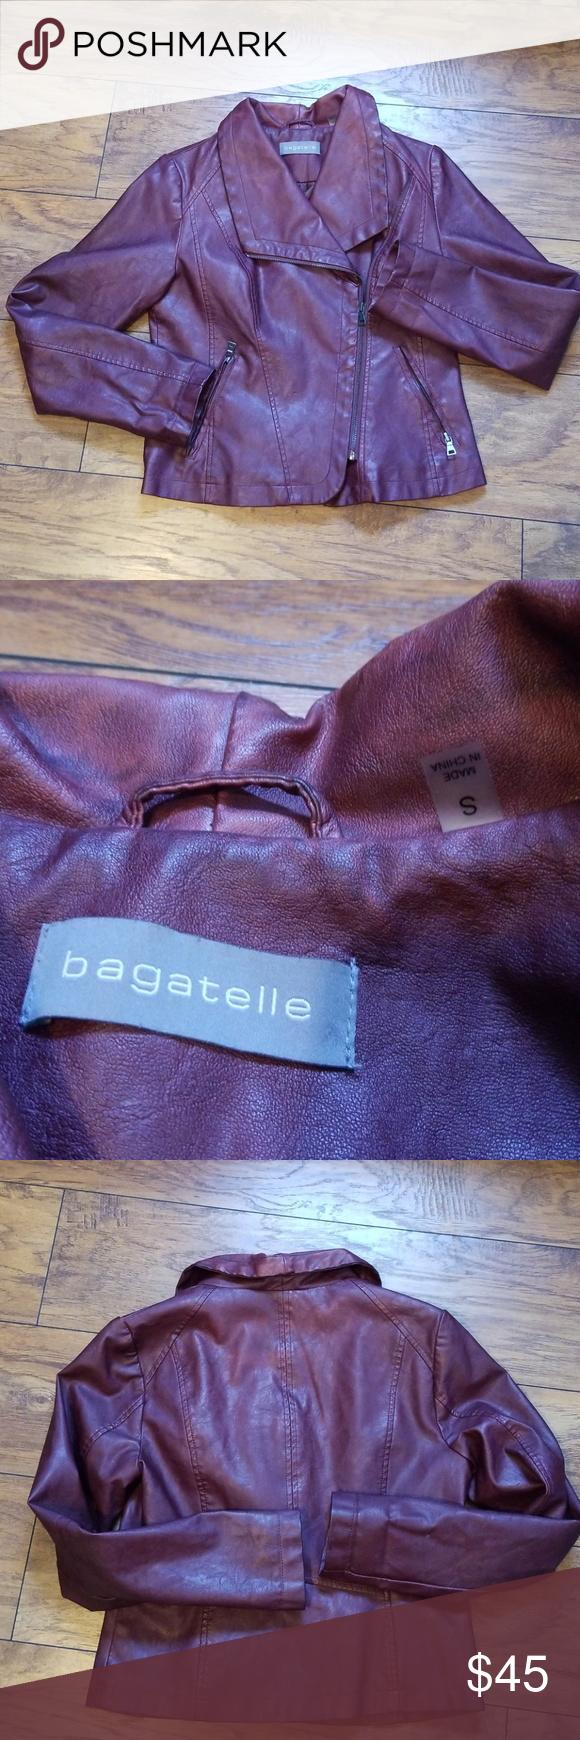 Bagatelle Faux Leather Jacket Bagatelle Faux Leather